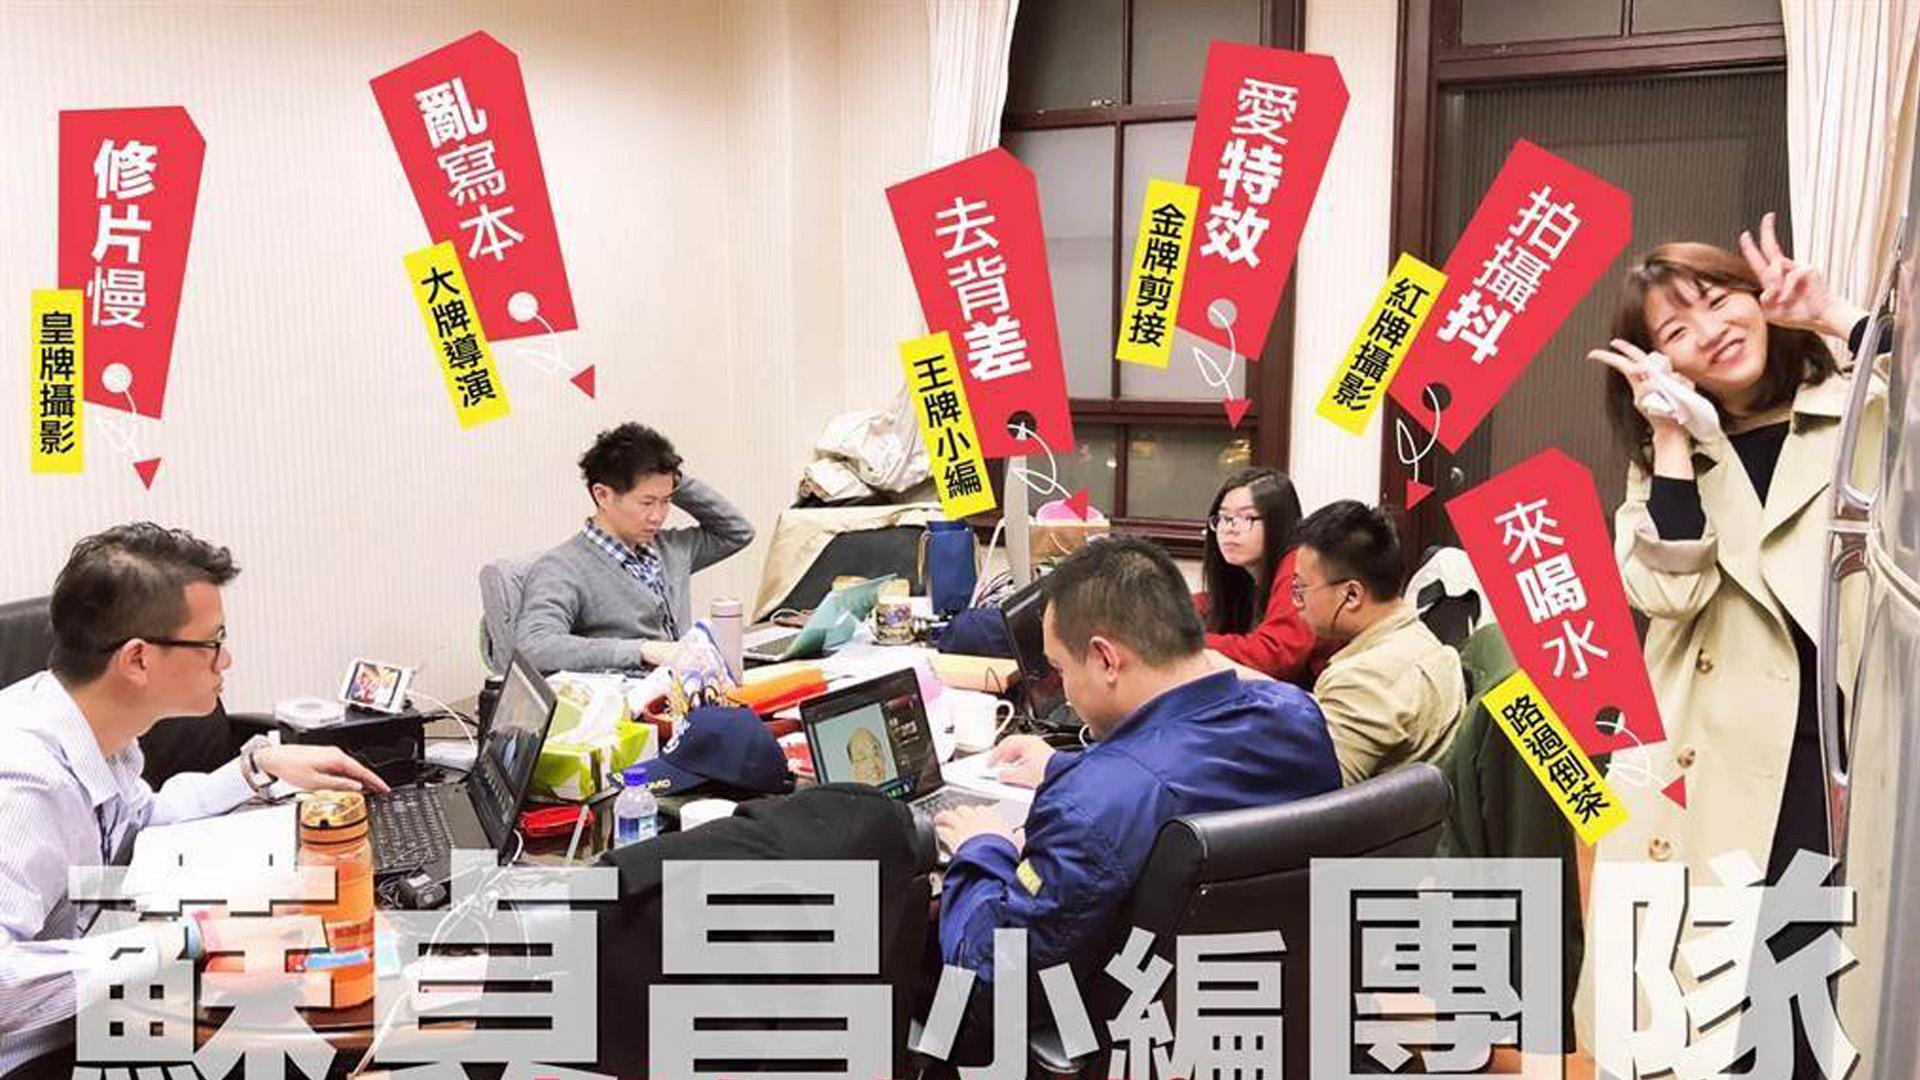 """丑事曝光!民進黨編列15倍預算公款搞""""大內宣""""打壓政敵圖片"""